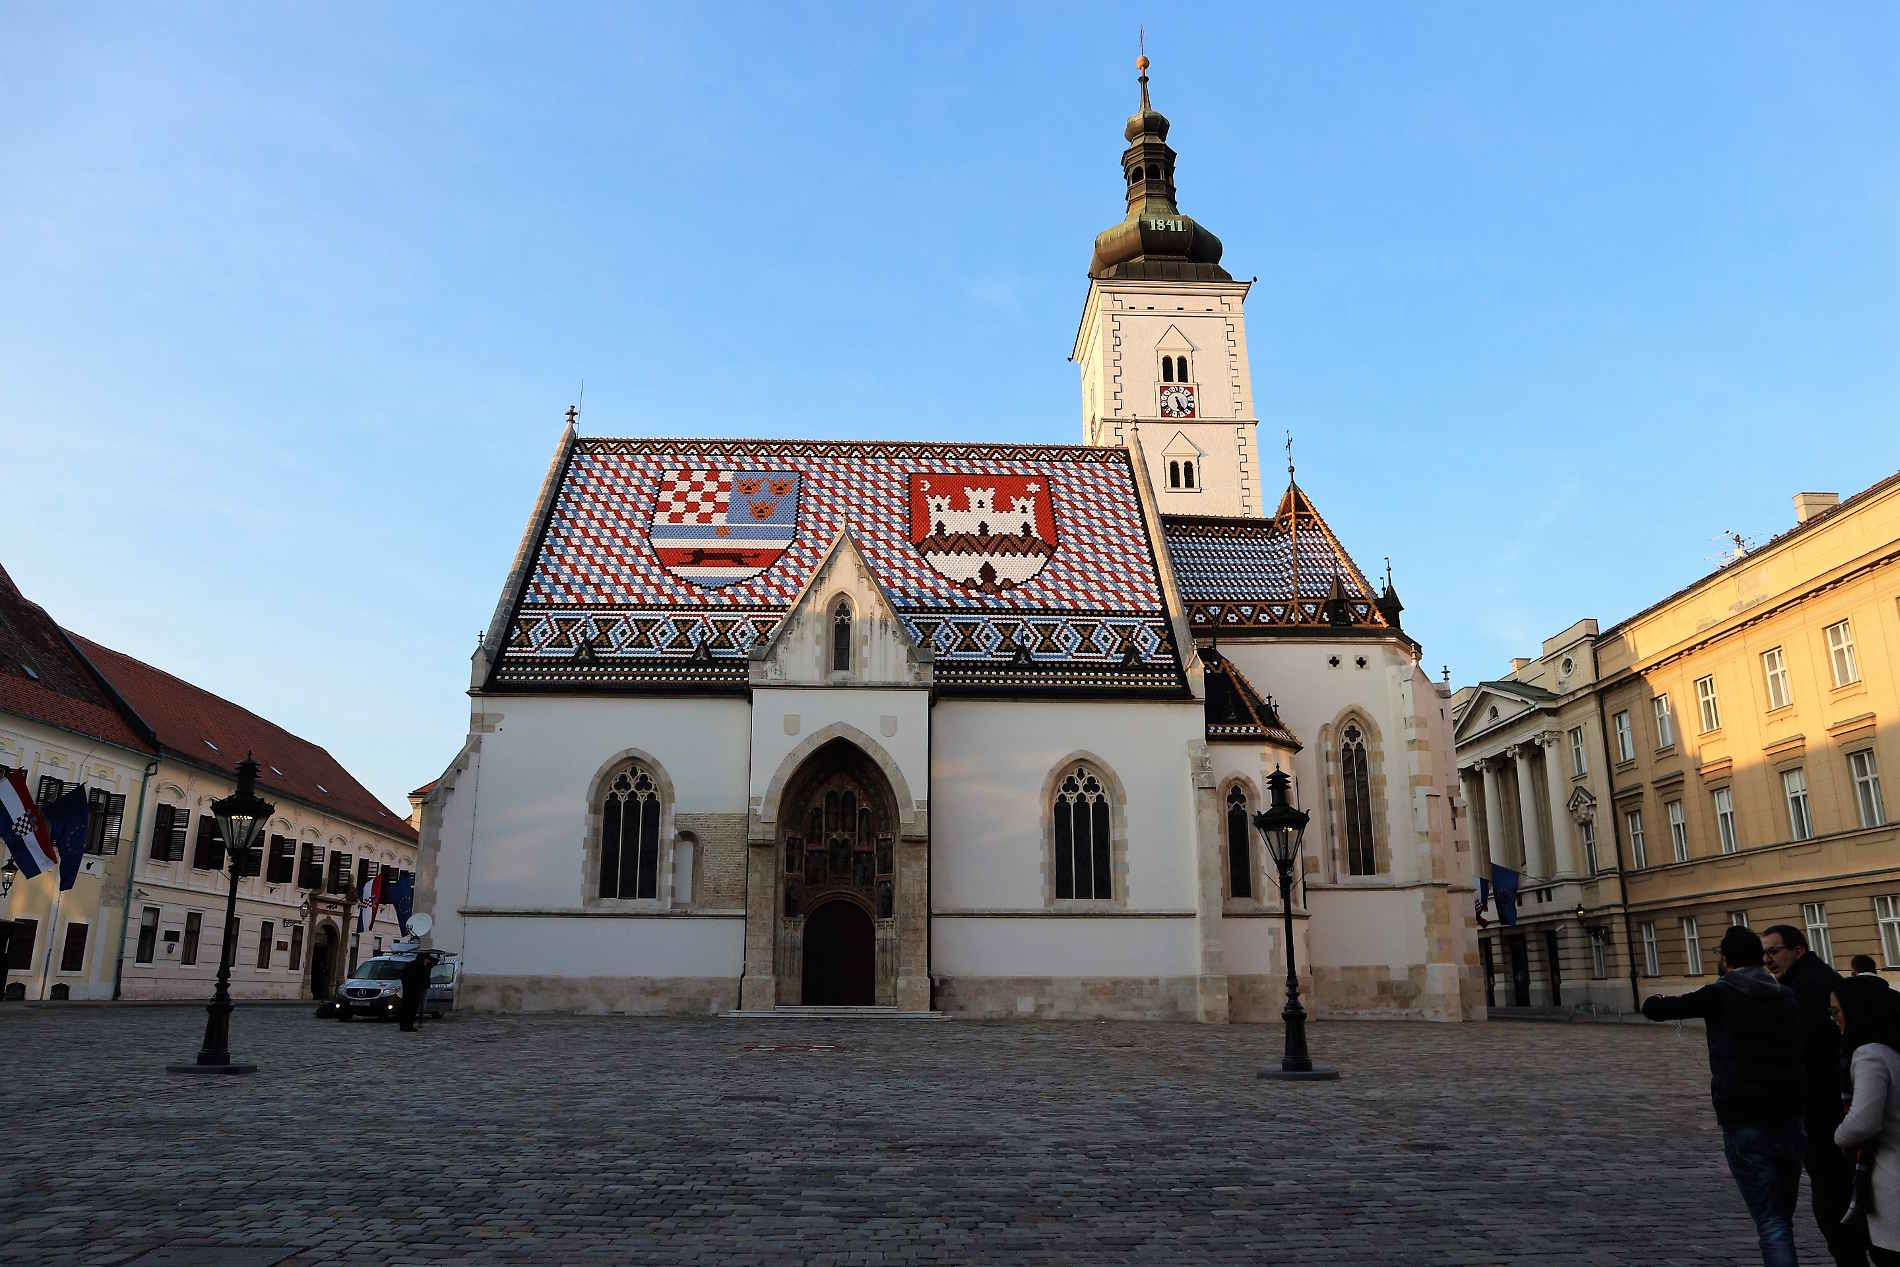 Città e capitali europee da vitare Zagabria Chiesa di San Marko